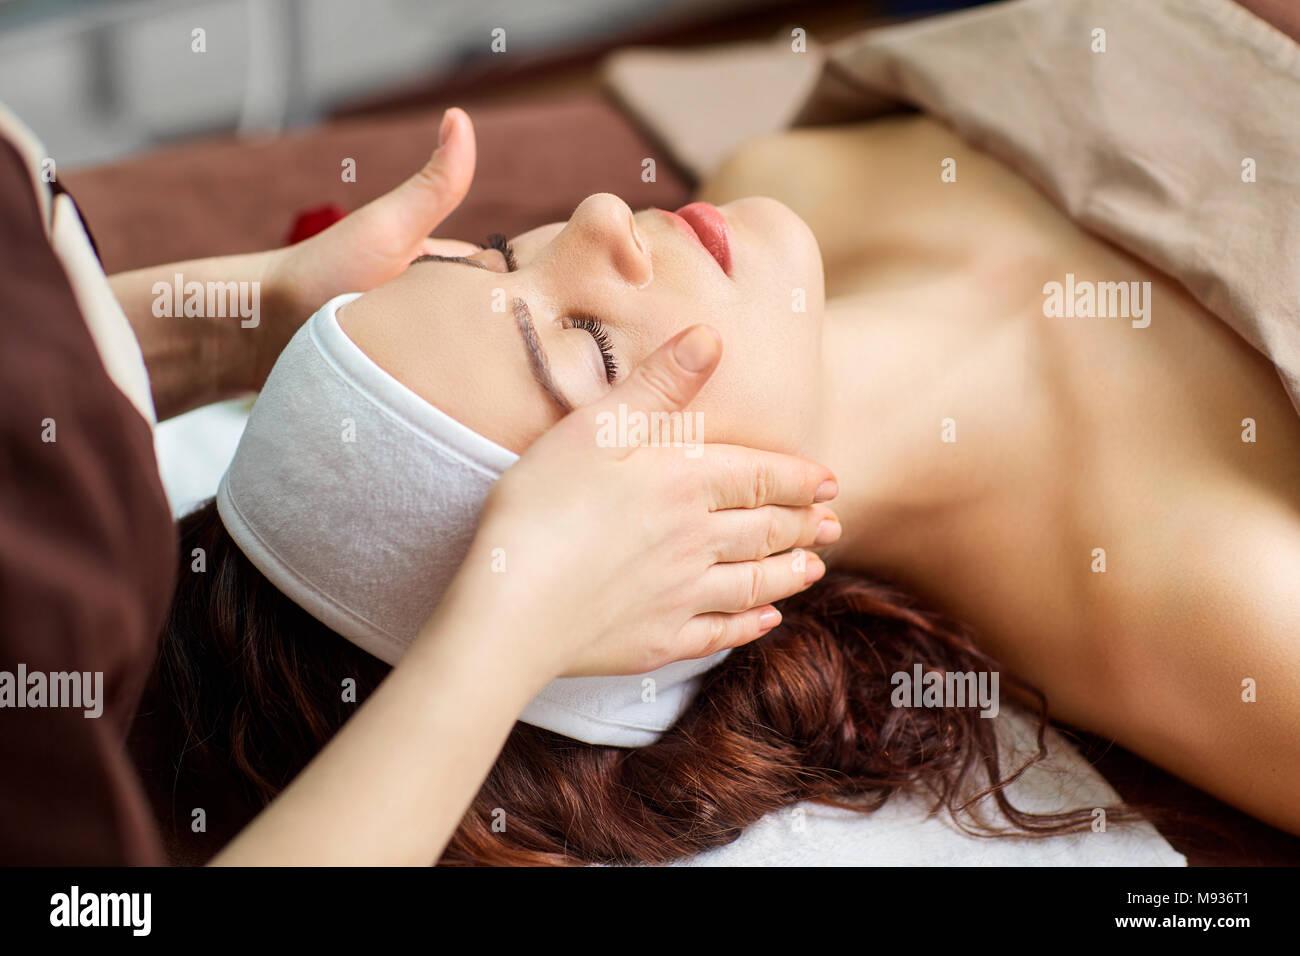 Bella mujer en un masaje facial en un salón spa Imagen De Stock